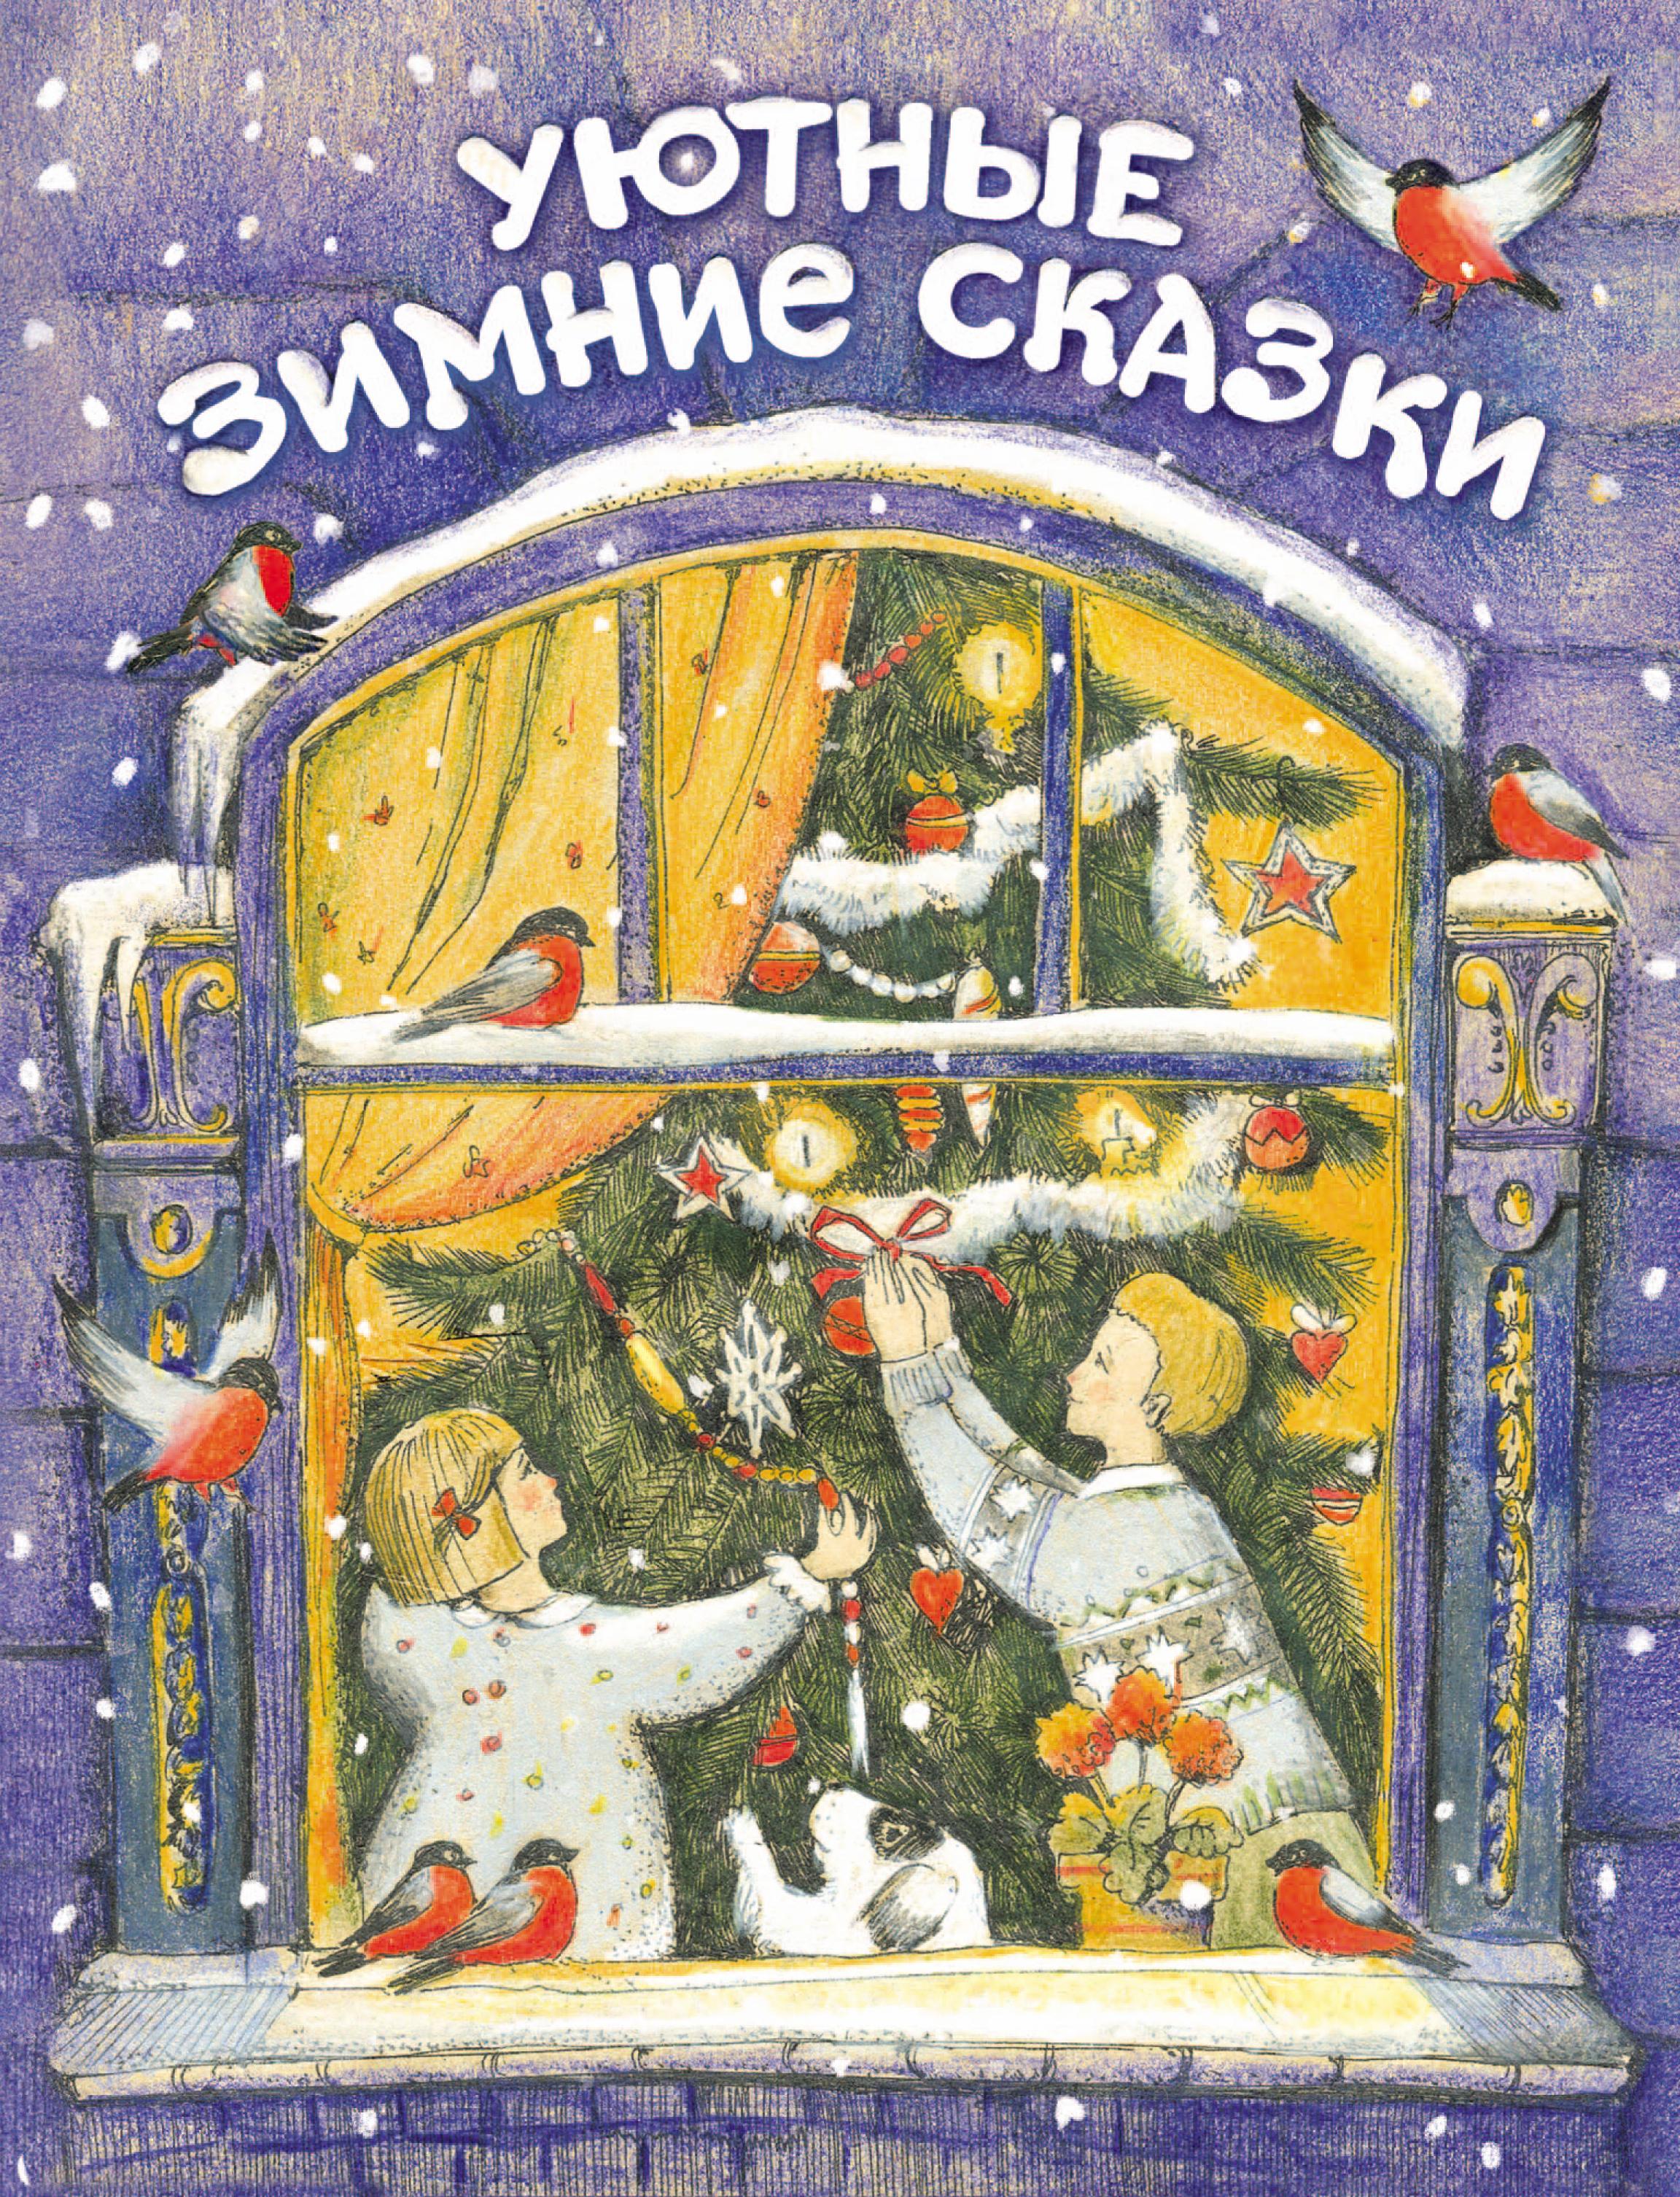 Е. П. Бахурова Уютные зимние сказки е п бахурова контроль чтения 3 класс